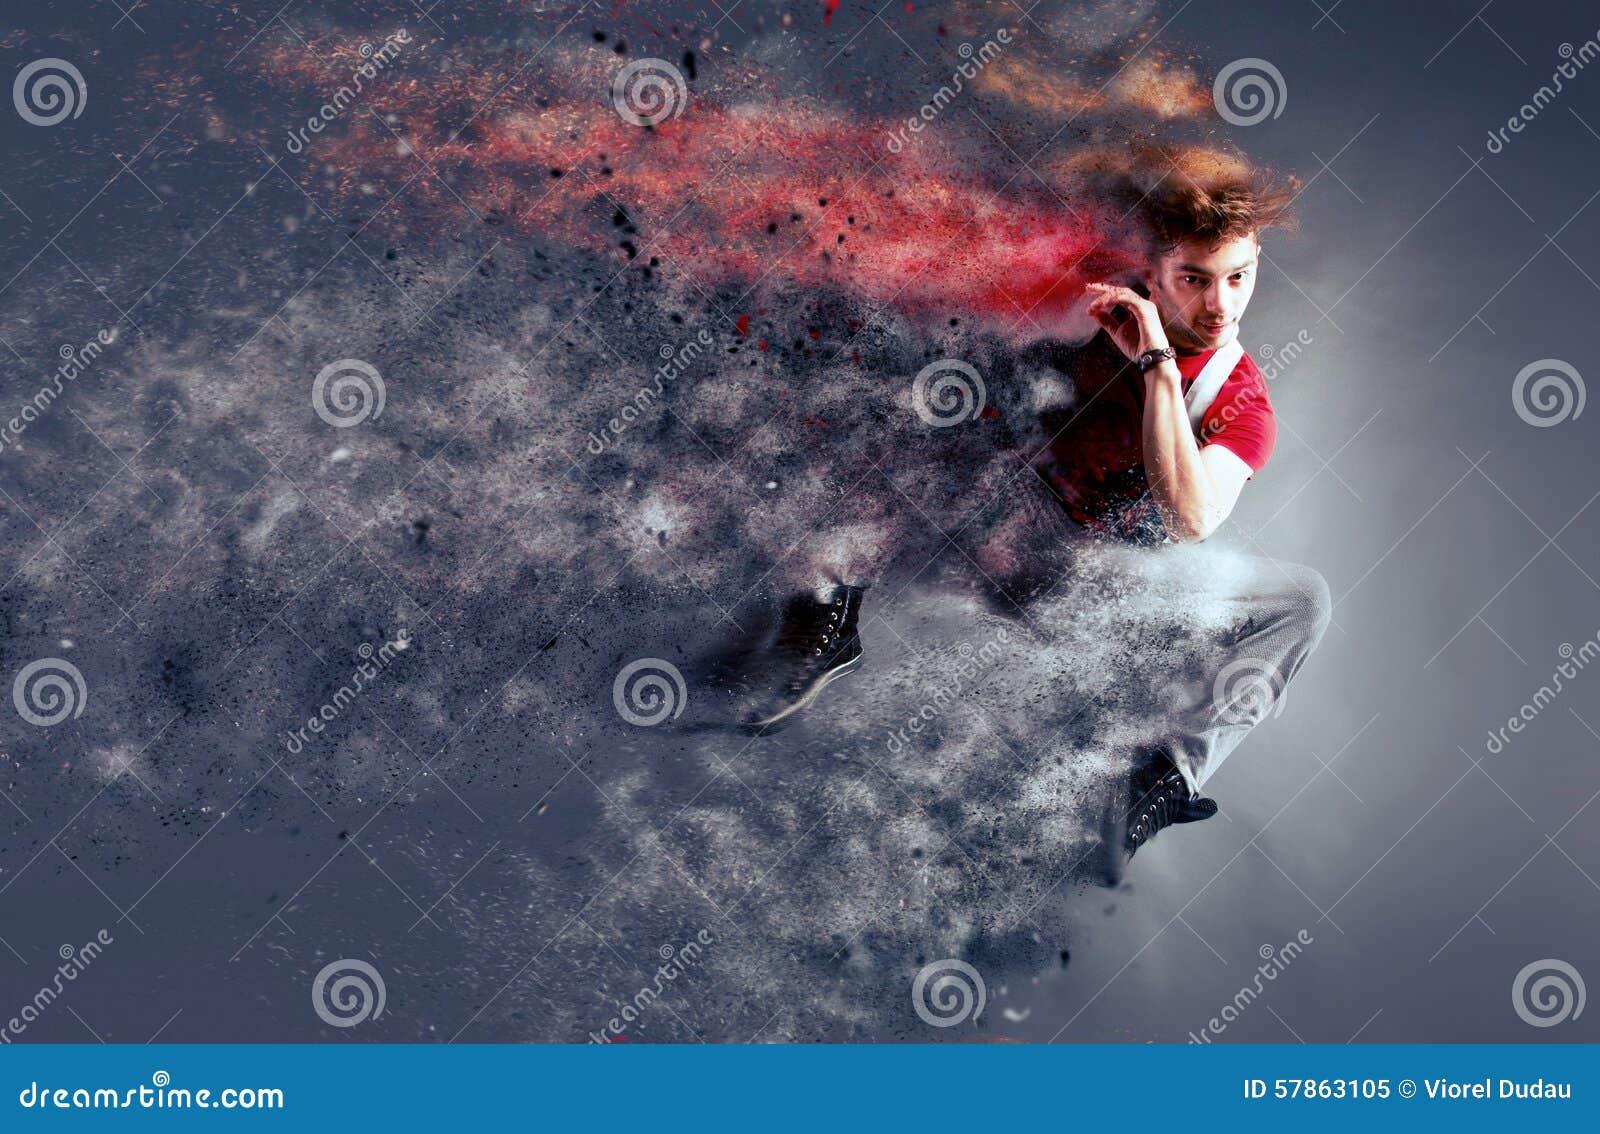 Surrealistyczny tancerz decomposing w cząsteczkach